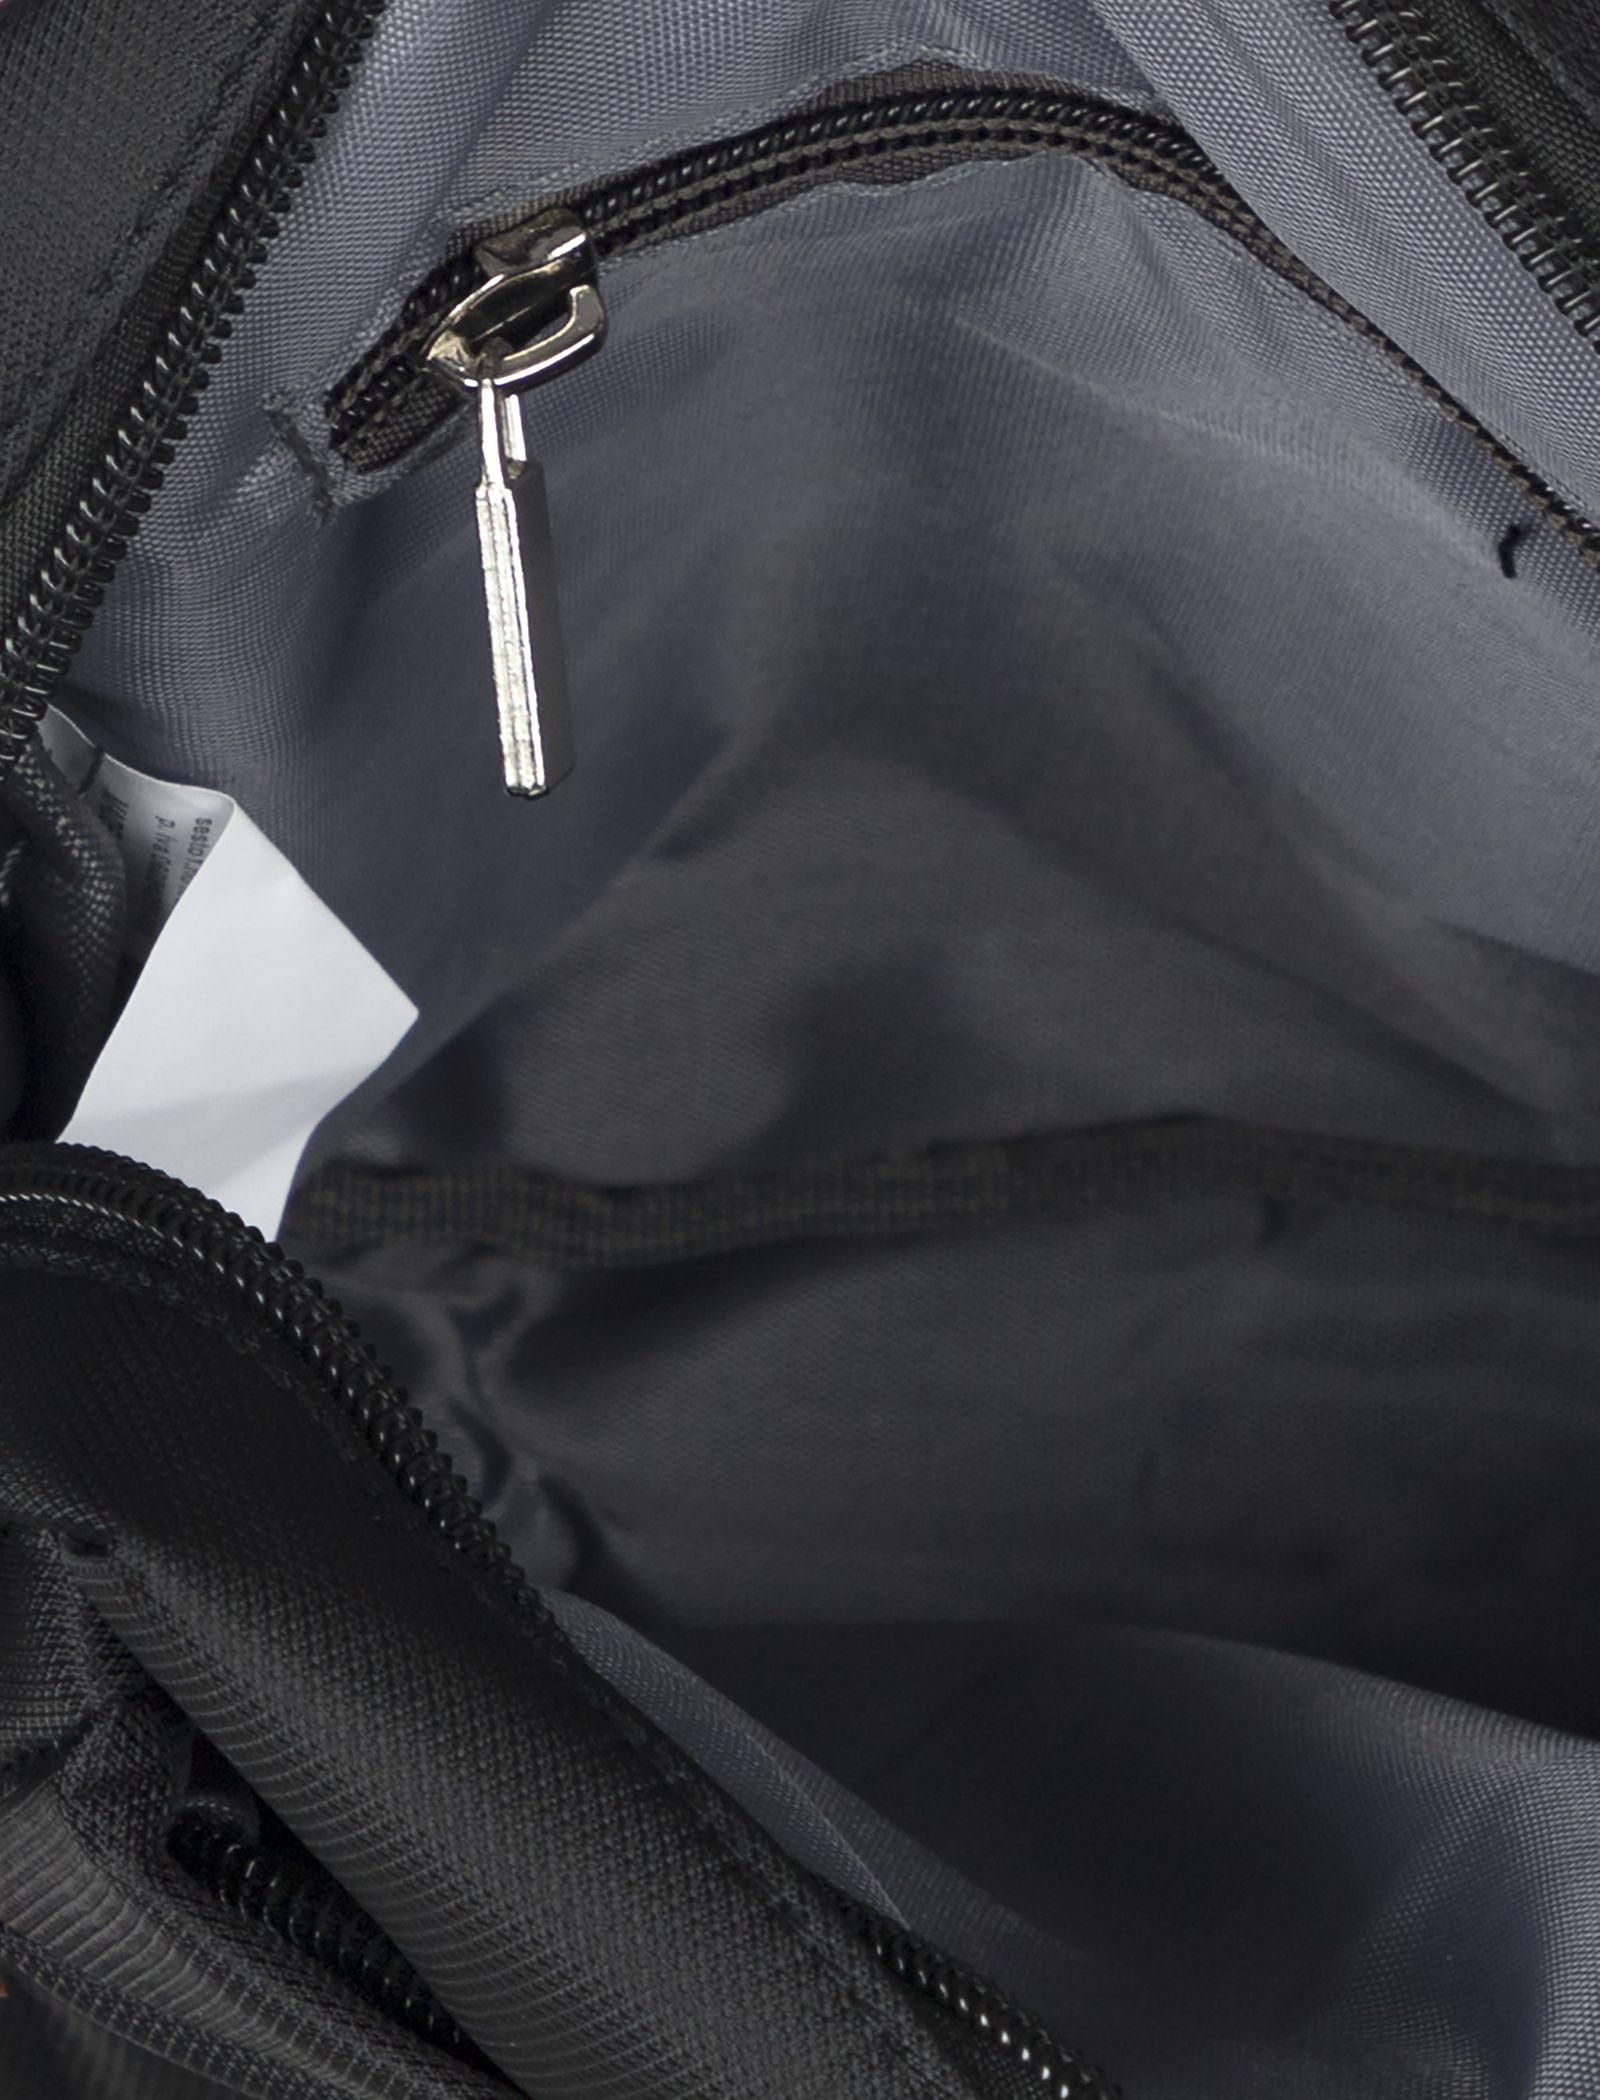 کیف دوشی روزمره بزرگسال - دادلین تک سایز - مشکي - 7